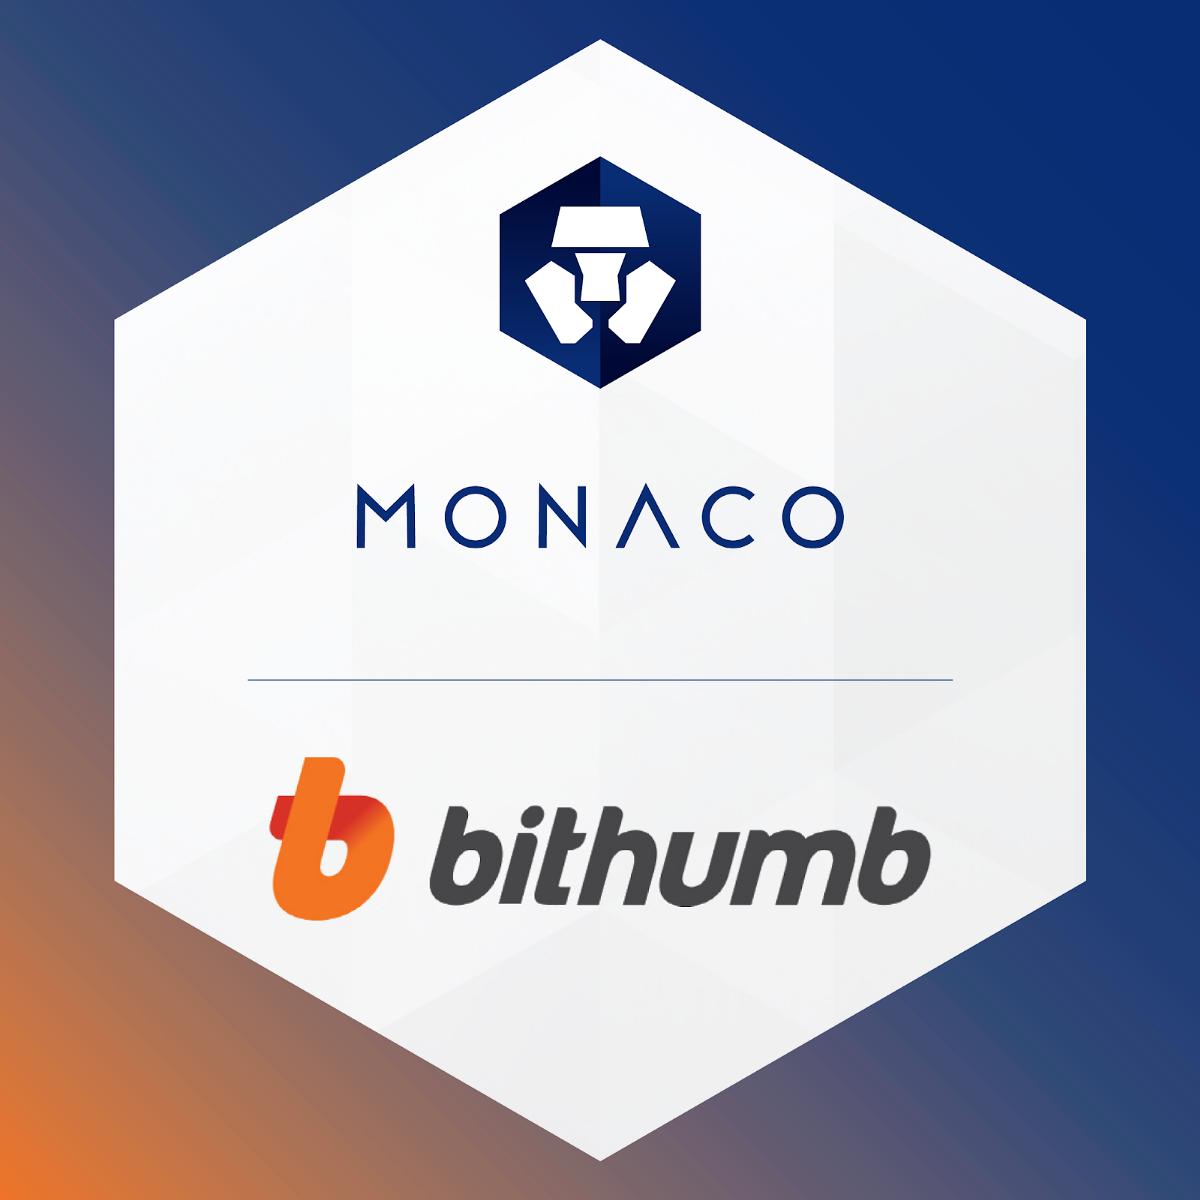 Monaco MCO Token to List on Bithumb.